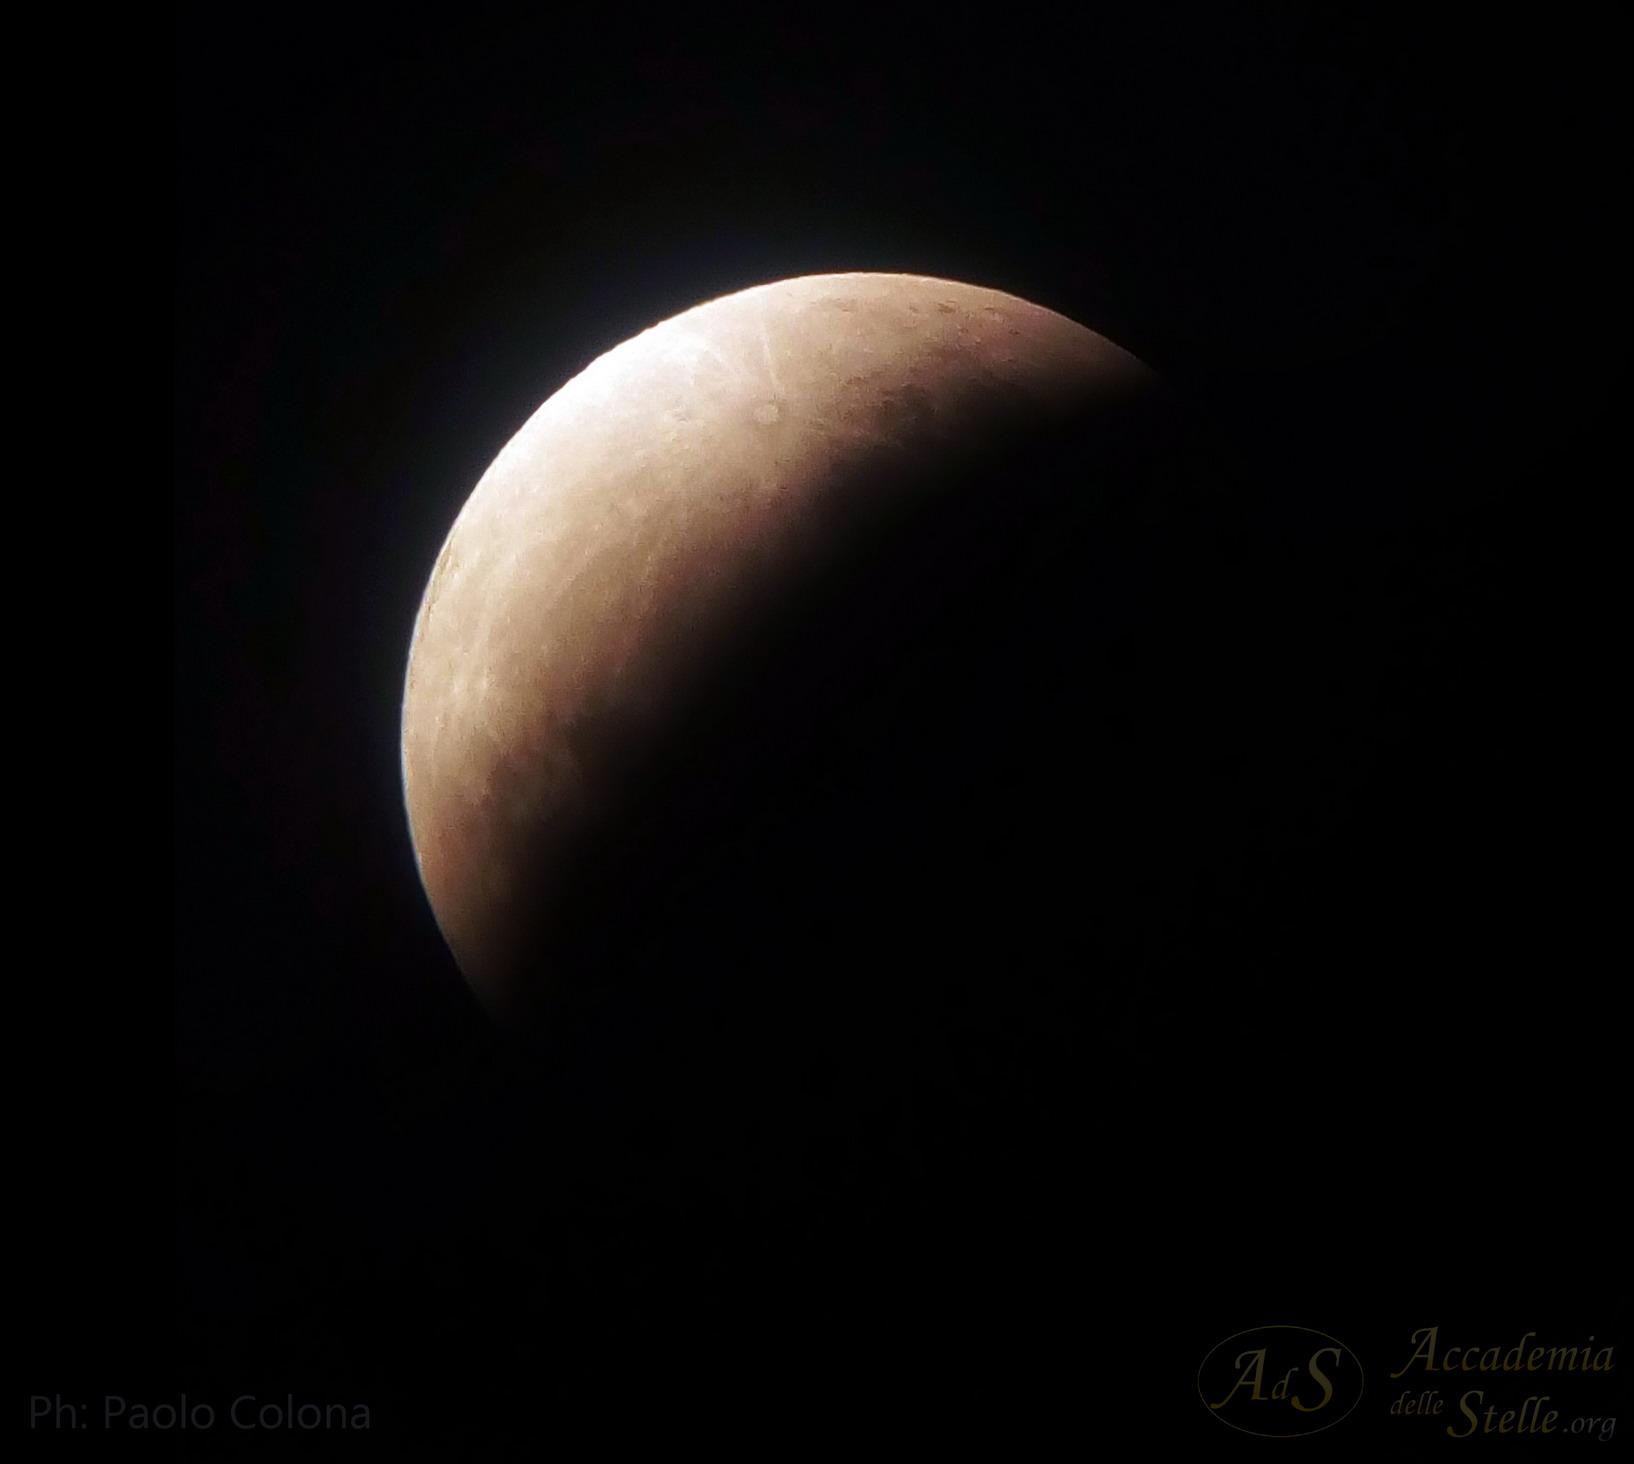 """Incredibile suggestione: la Luna che sparisce """"nel nulla"""", inghiottita dal cono d'ombra terrestre... Lo scatto è stato preso fugacemente col cellulare da Paolo Colona attraverso un Newton da 25 cm."""